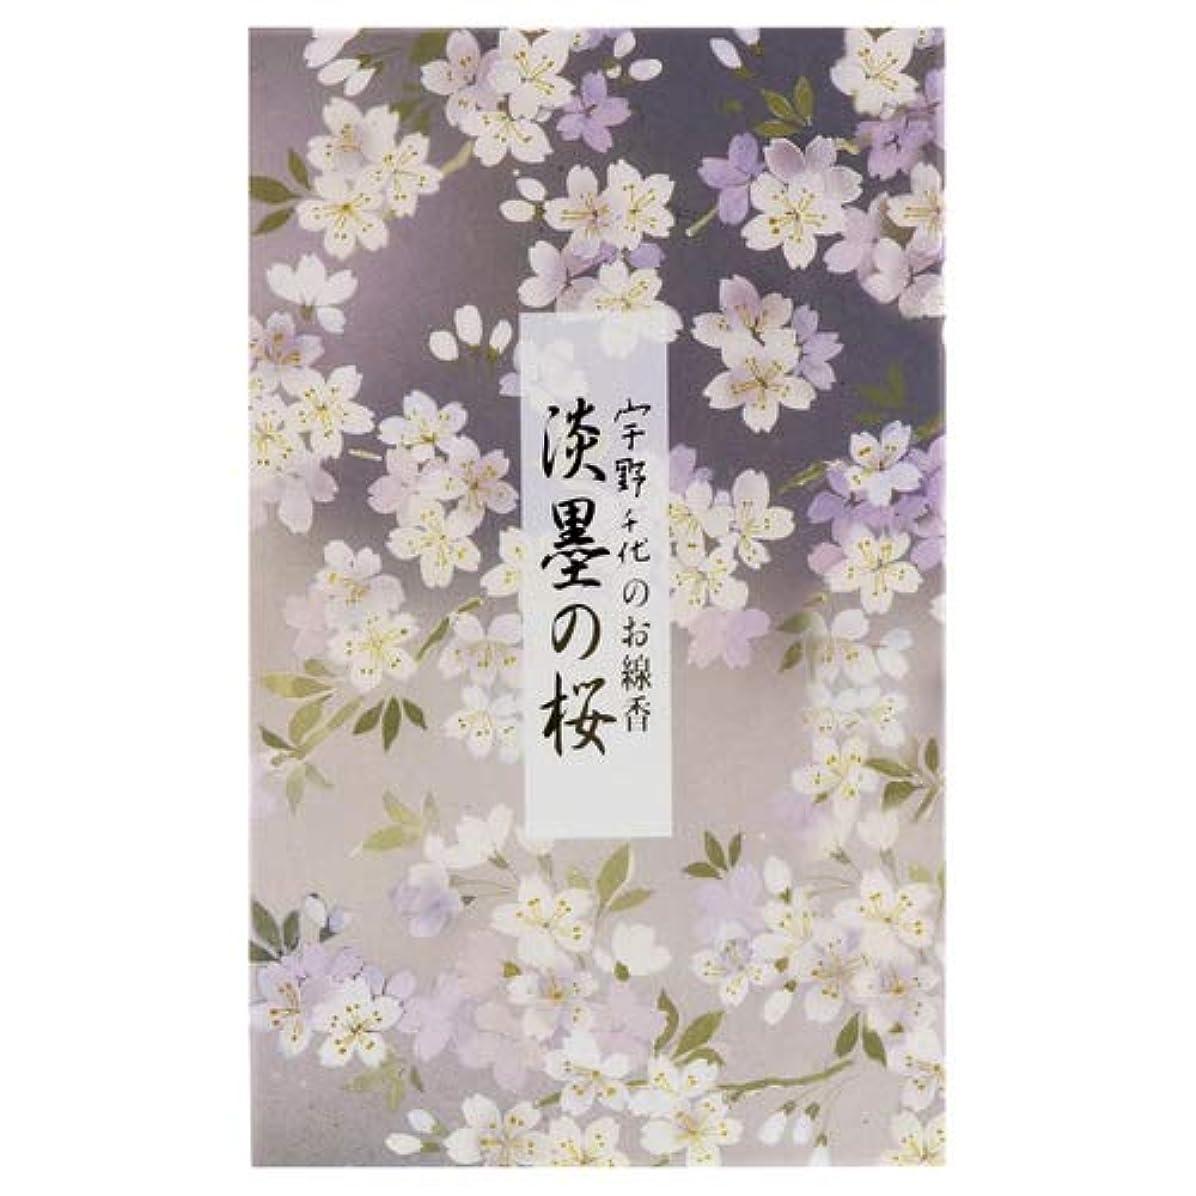 作り上げるマーチャンダイジング泣いている宇野千代のお線香 淡墨の桜 バラ詰